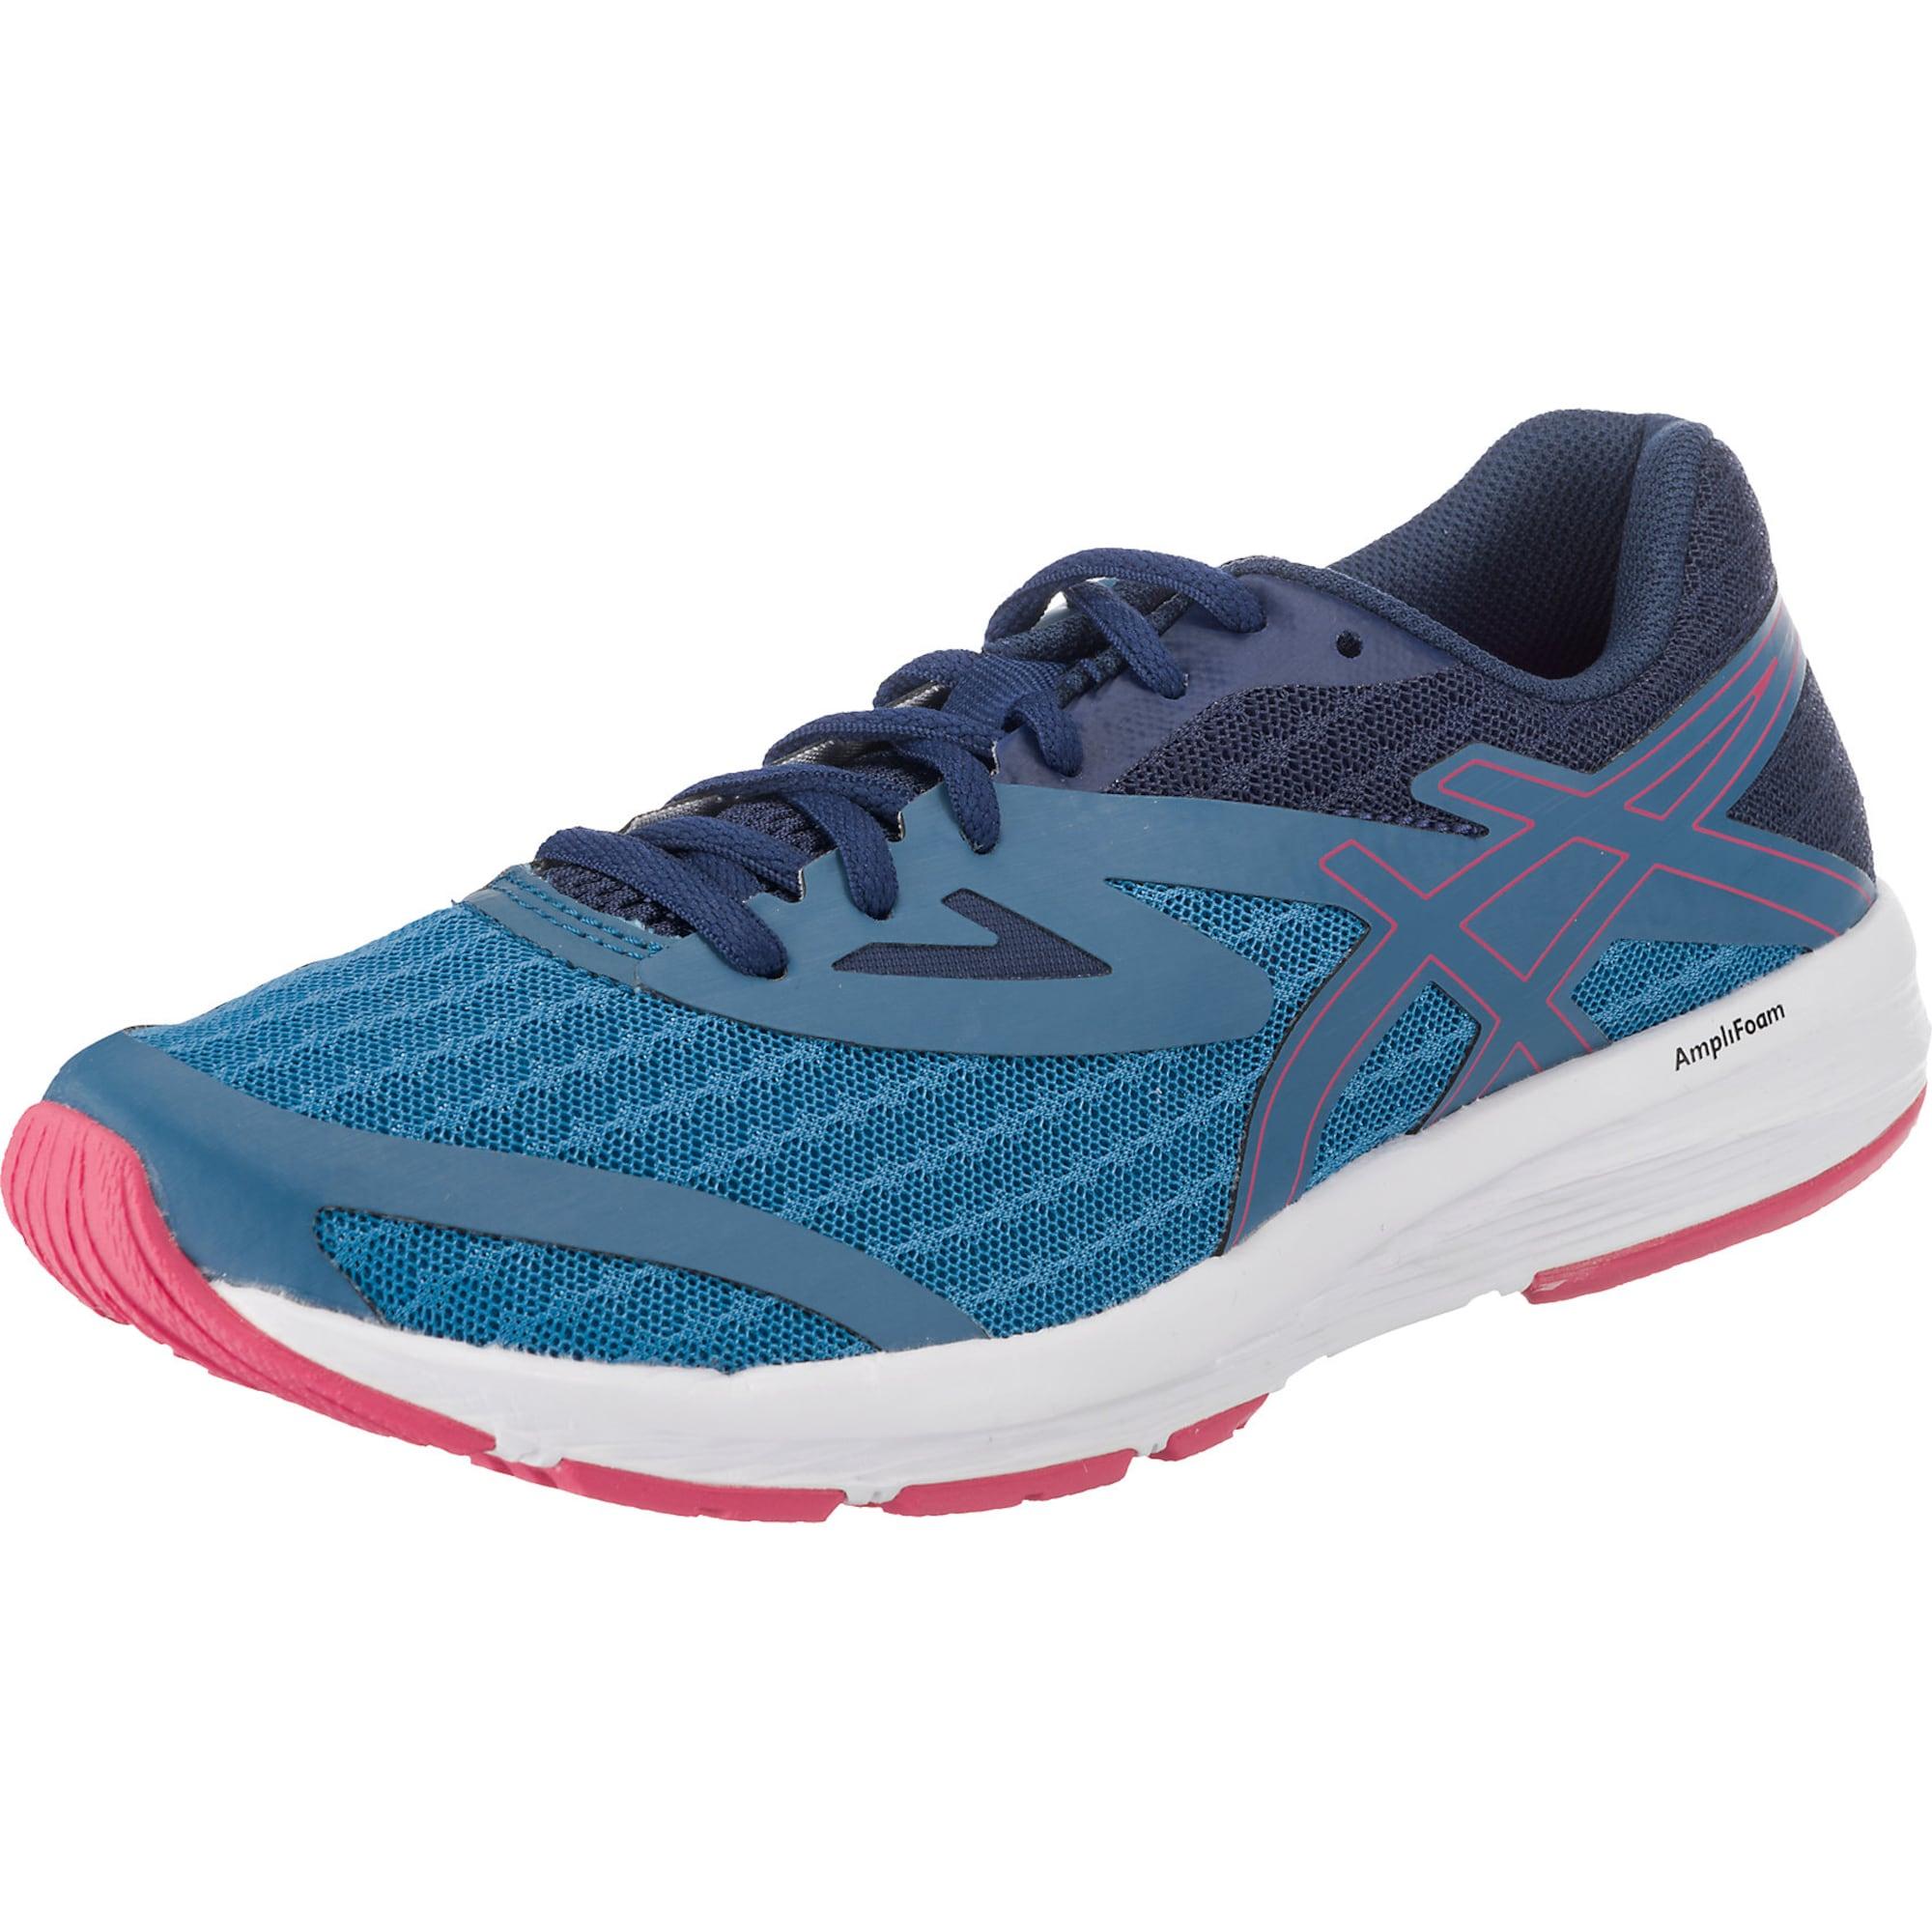 Laufschuhe 'AMPLICA' | Schuhe > Sportschuhe | ASICS